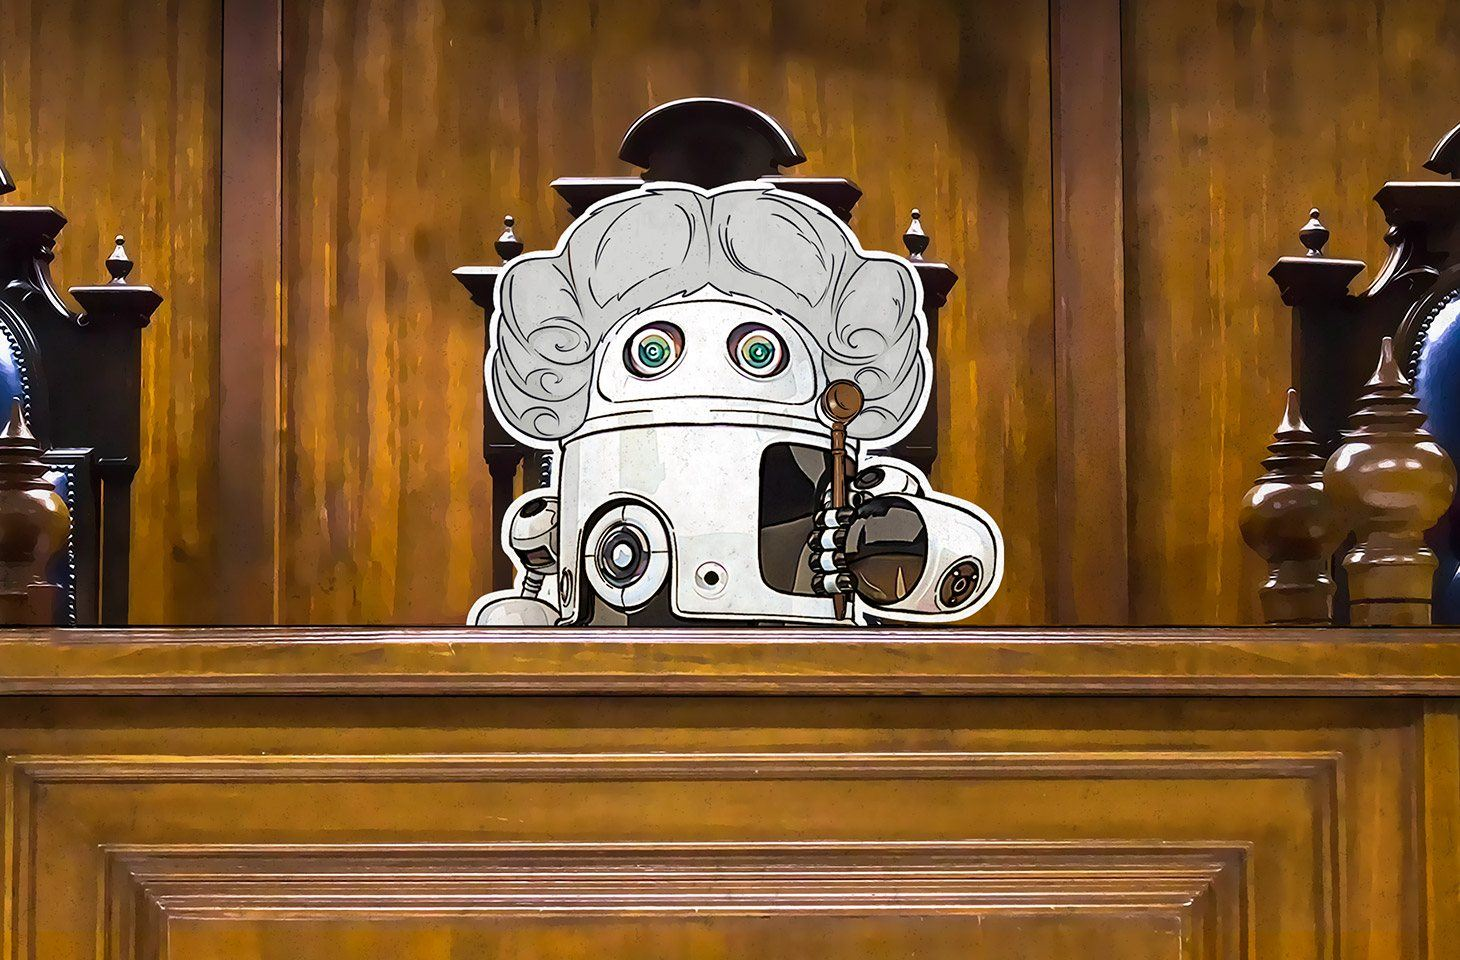 La inteligencia artificial asiste a jueces, policías y médicos. ¿Pero qué es lo que dirige el proceso?